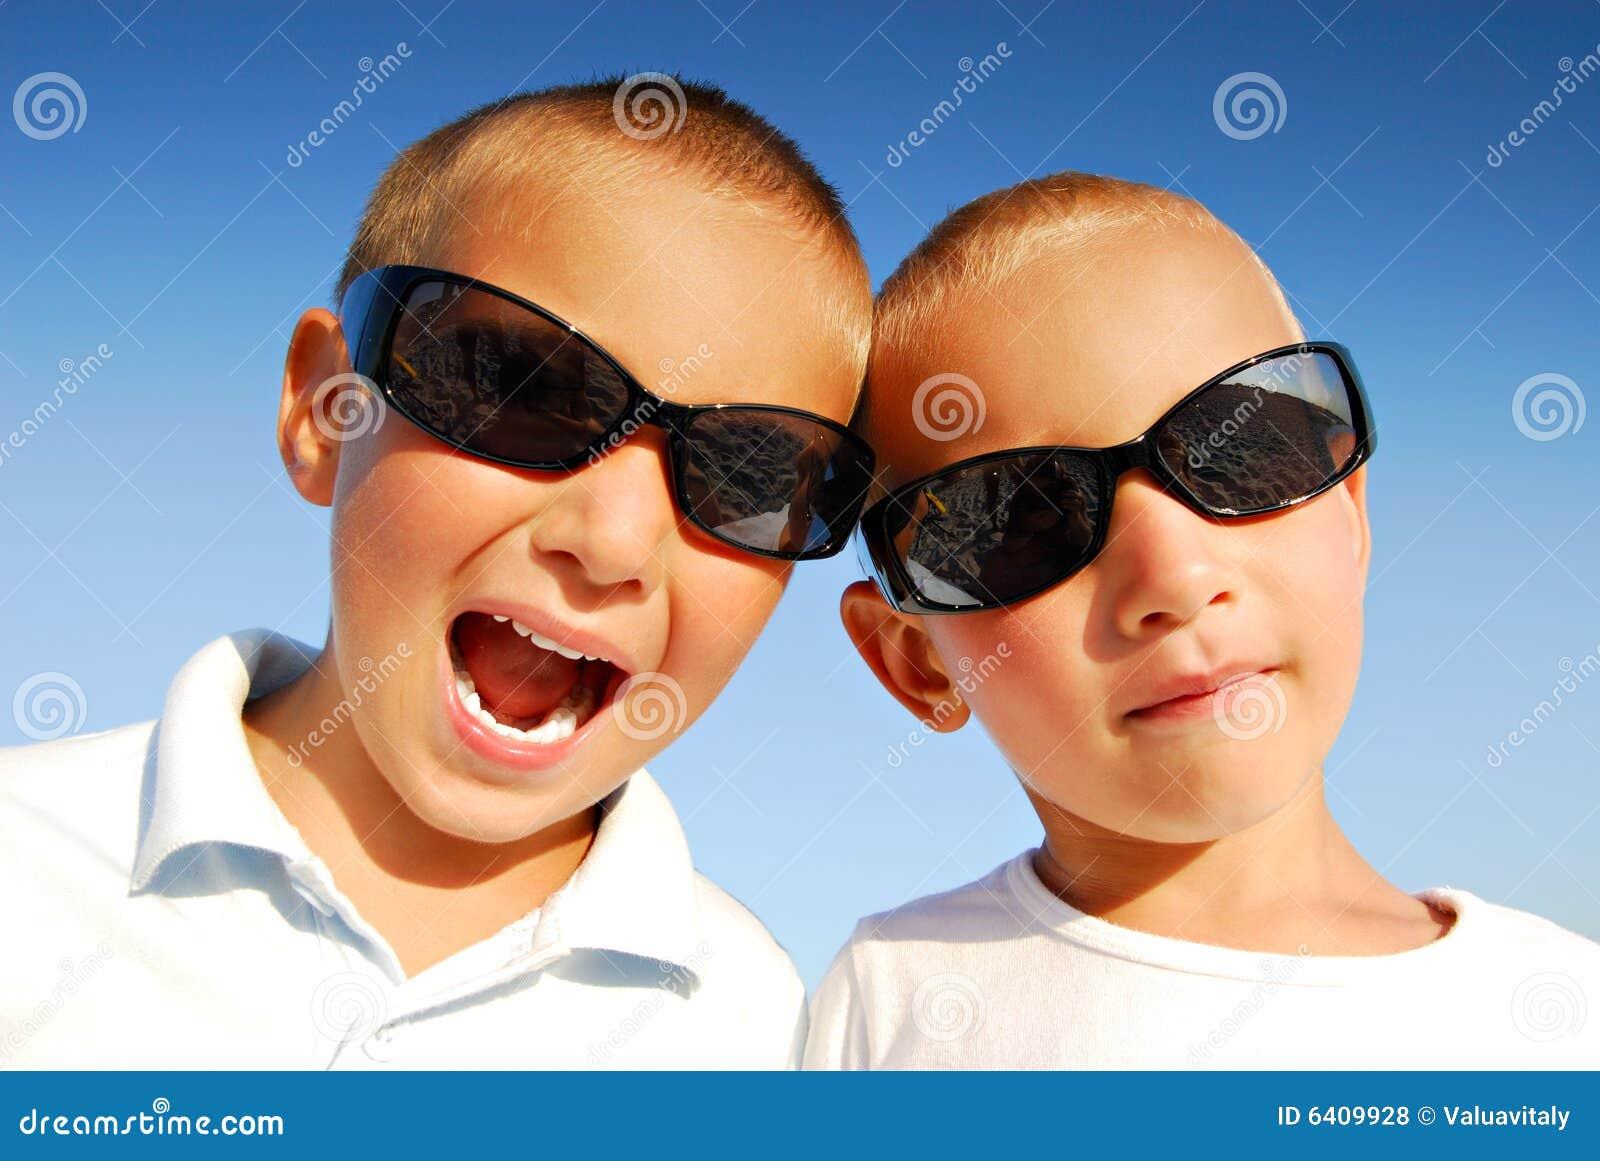 солнечные очки мальчиков